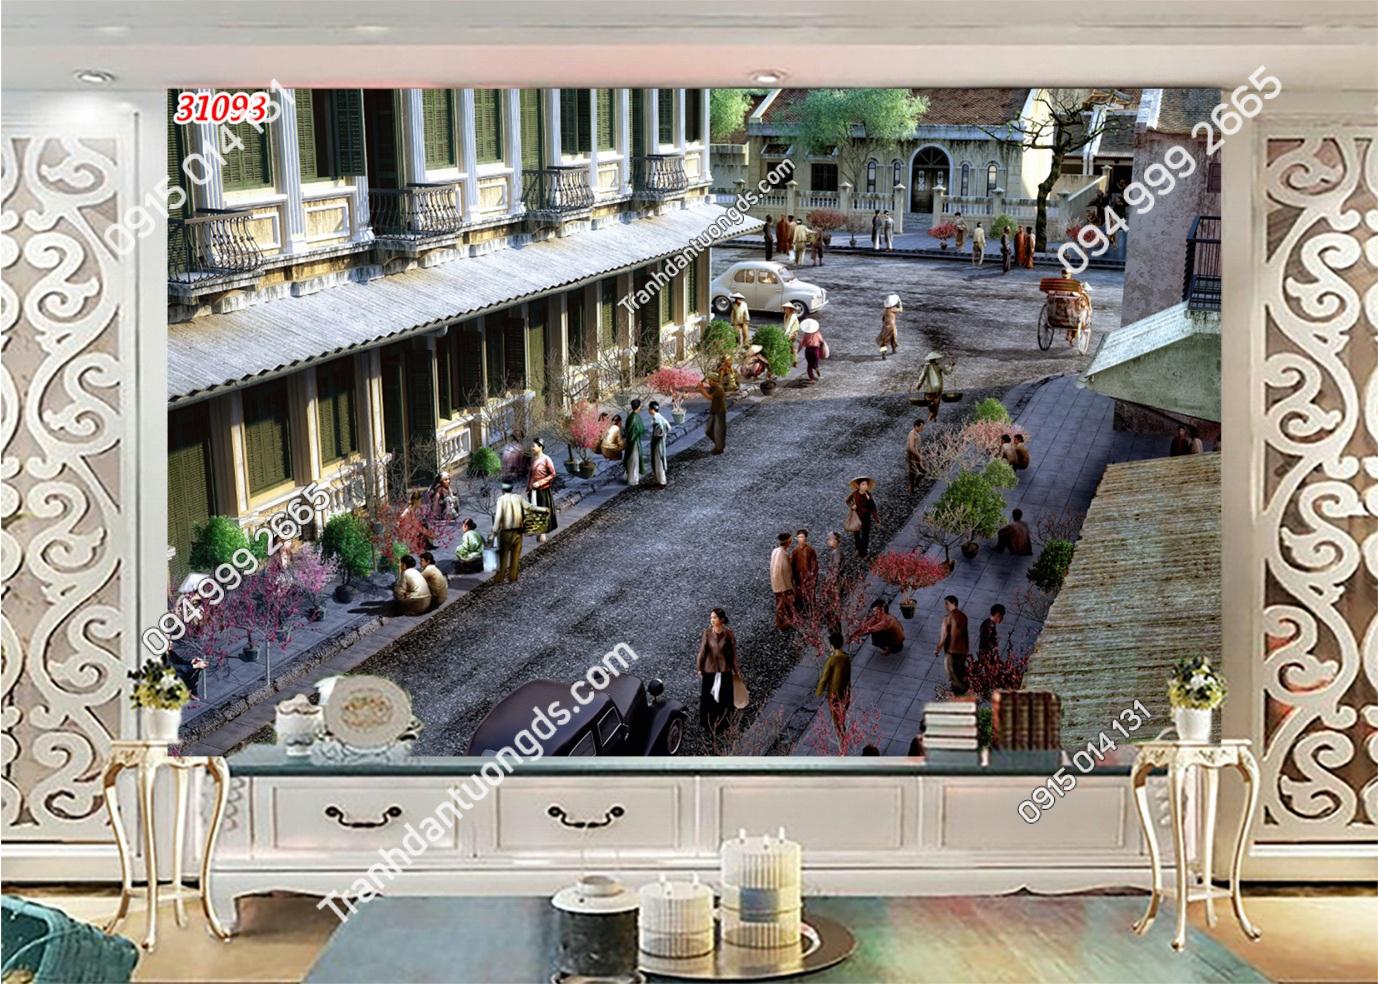 Tranh dán tườngphố chợ xưa Hà Nội 31093